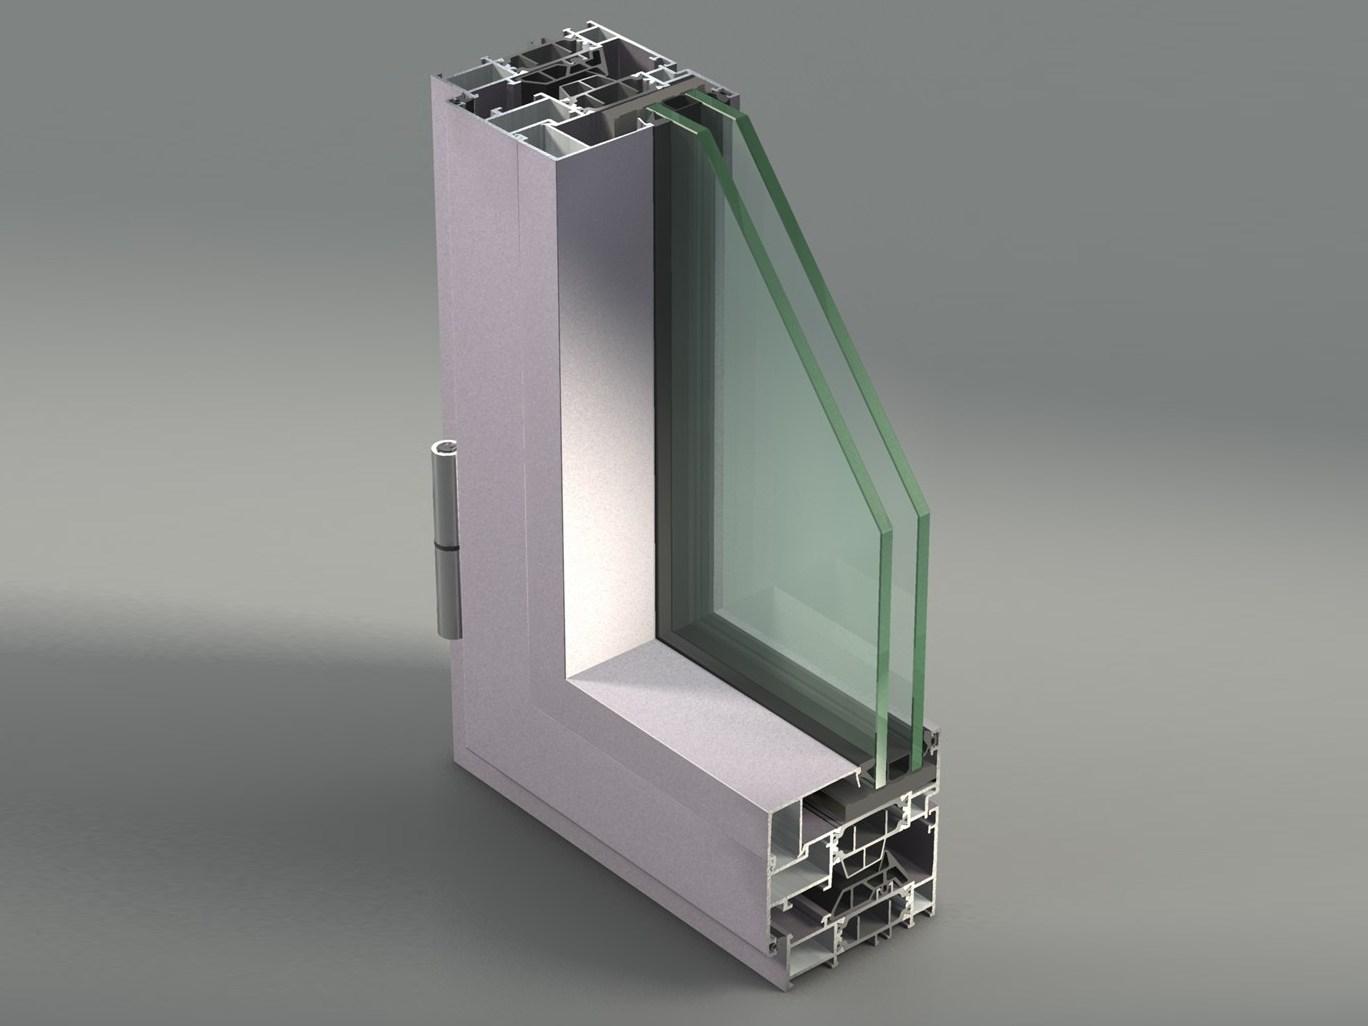 ventanadobleacristalamiento